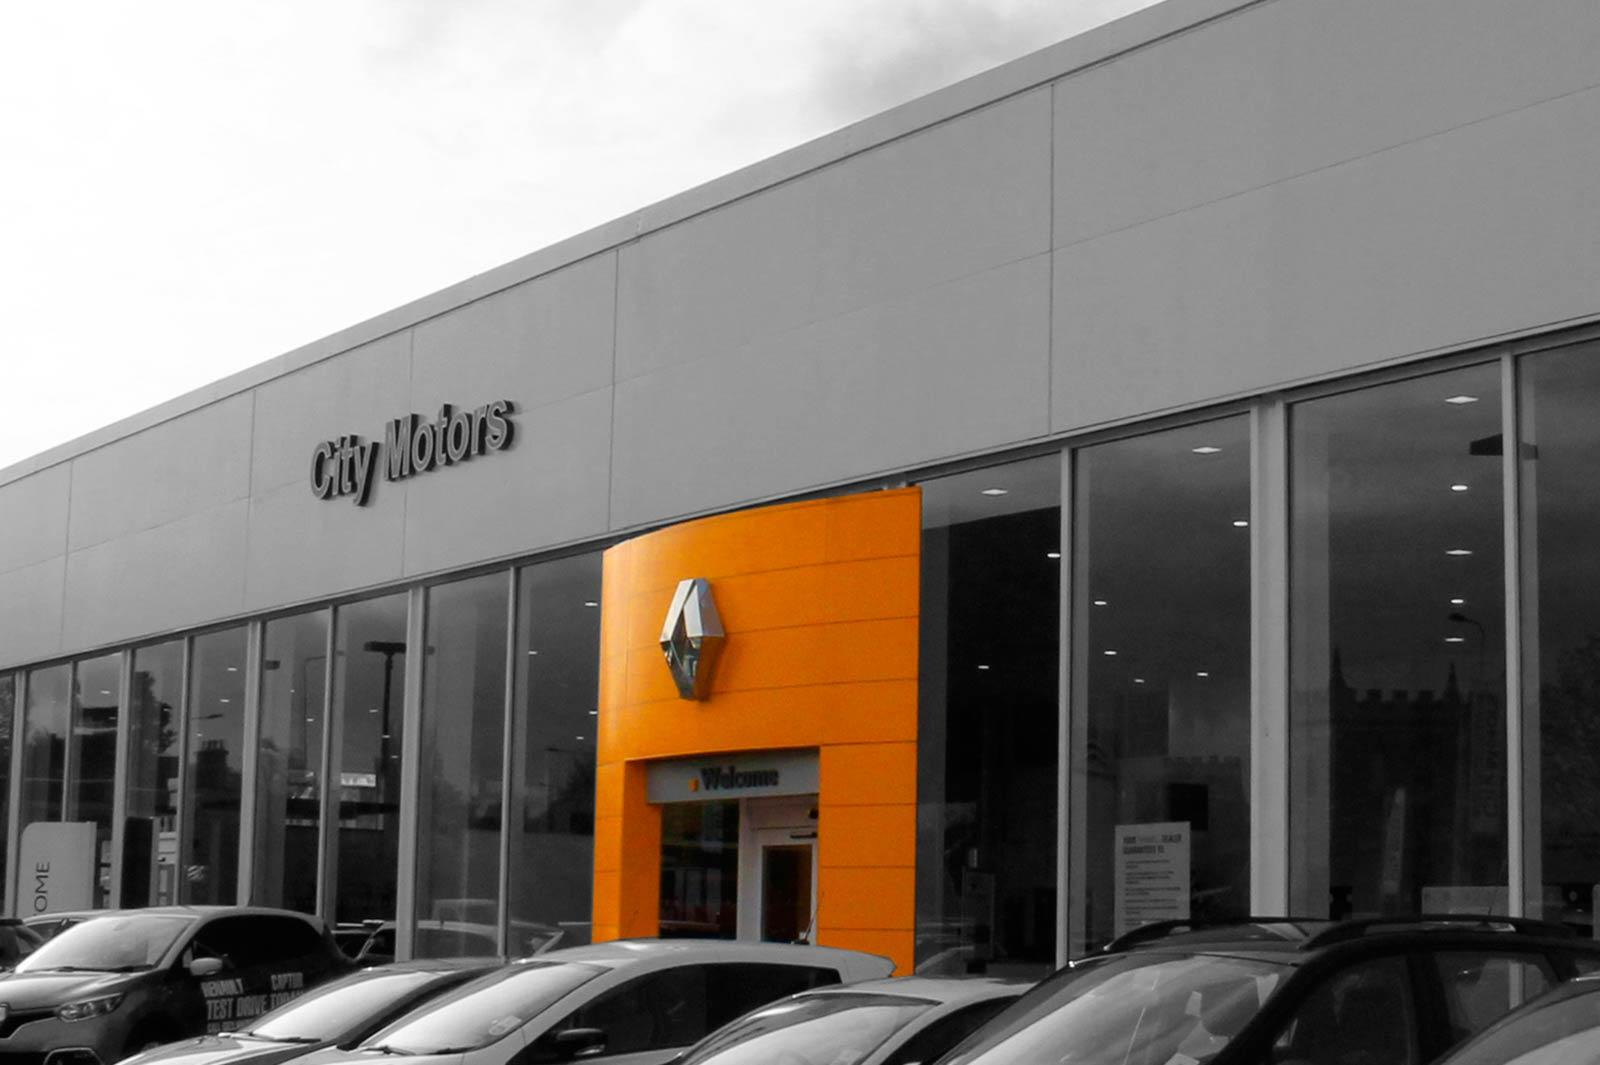 City Motors, Bristol Car Showroom